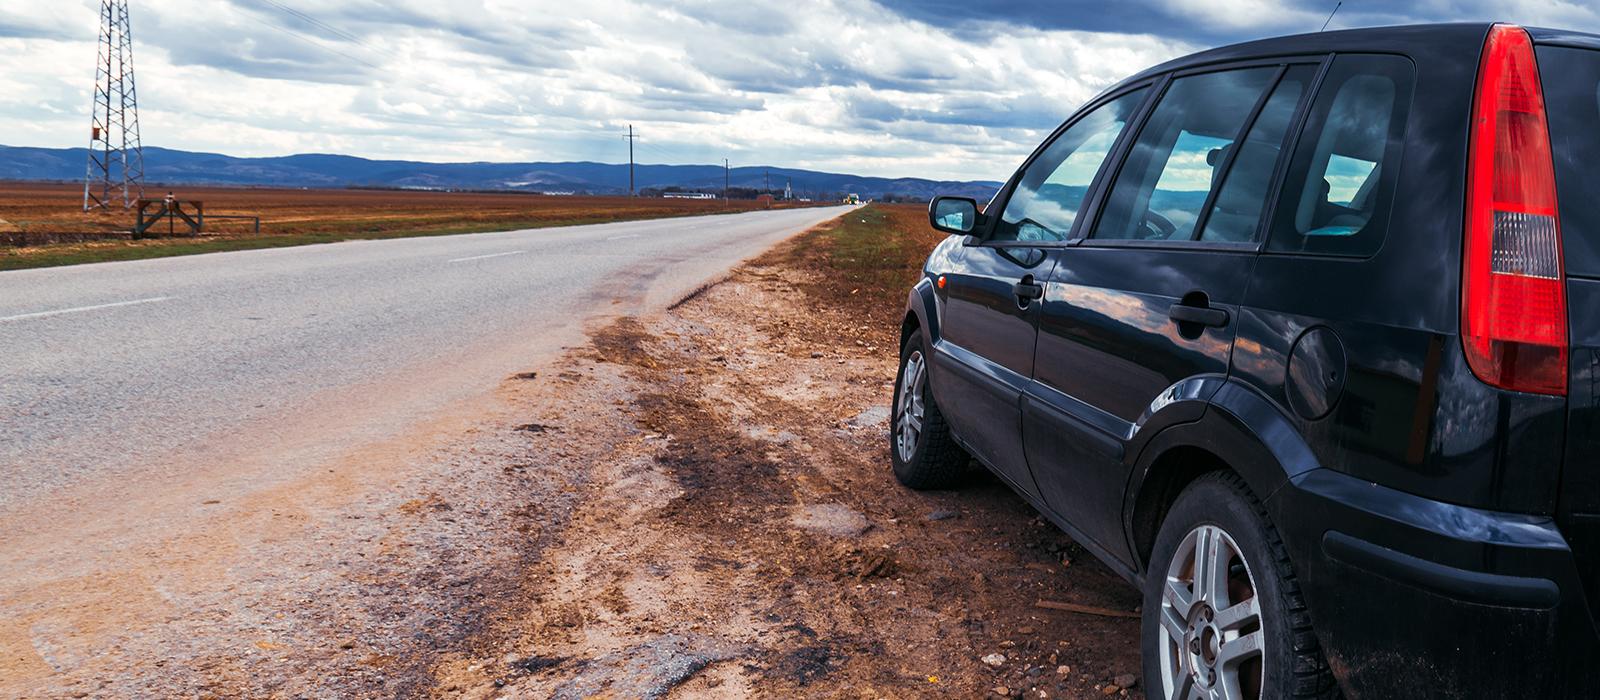 emilcar - restare senza benzina - veicolo in avaria